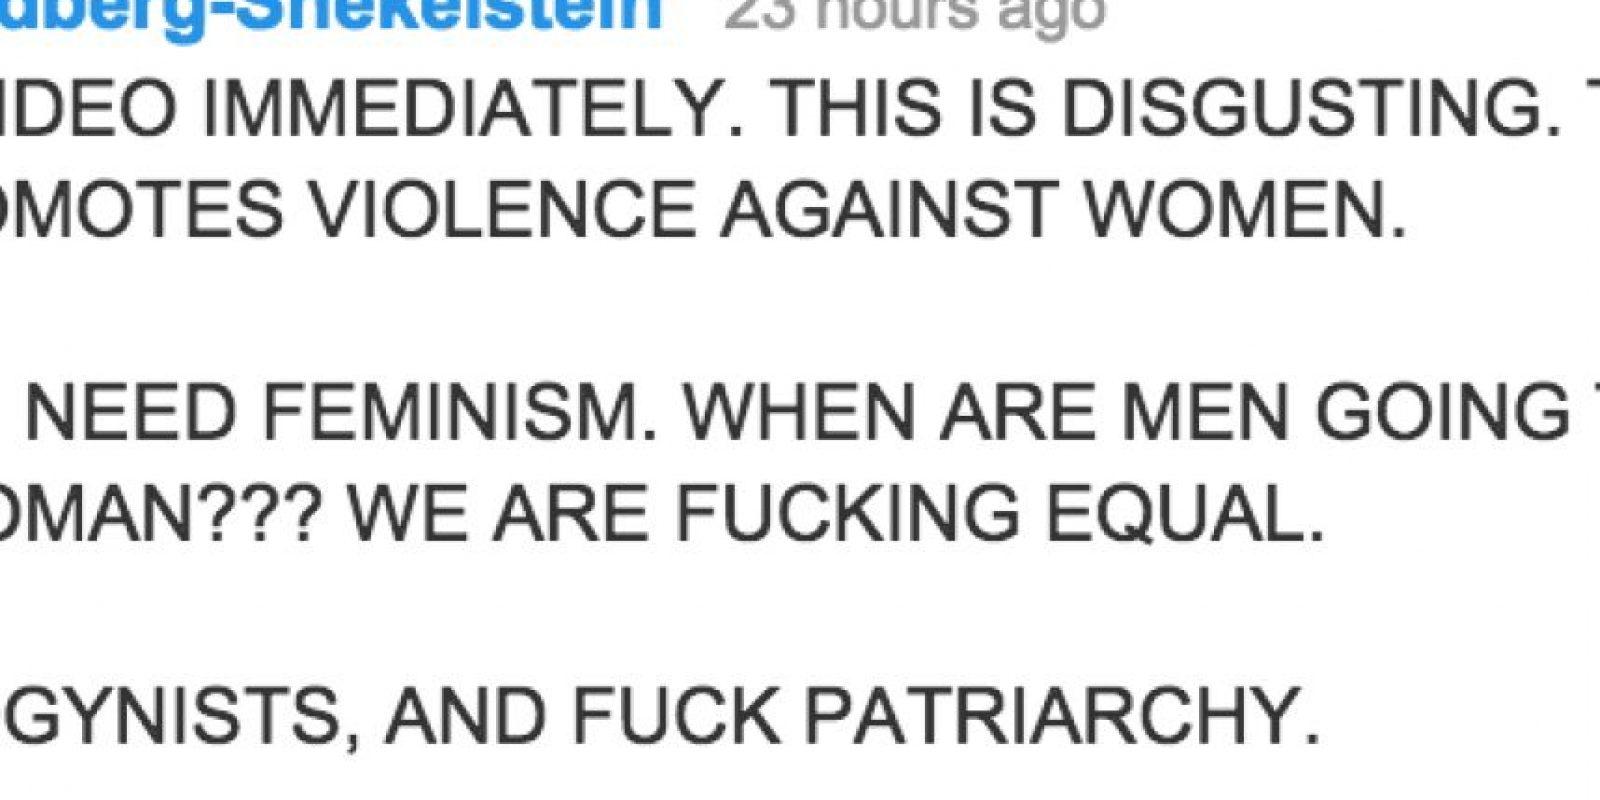 Hay quien pide que se retire el video y asegura que se trata de violencia contra la mujer Foto:Twitter